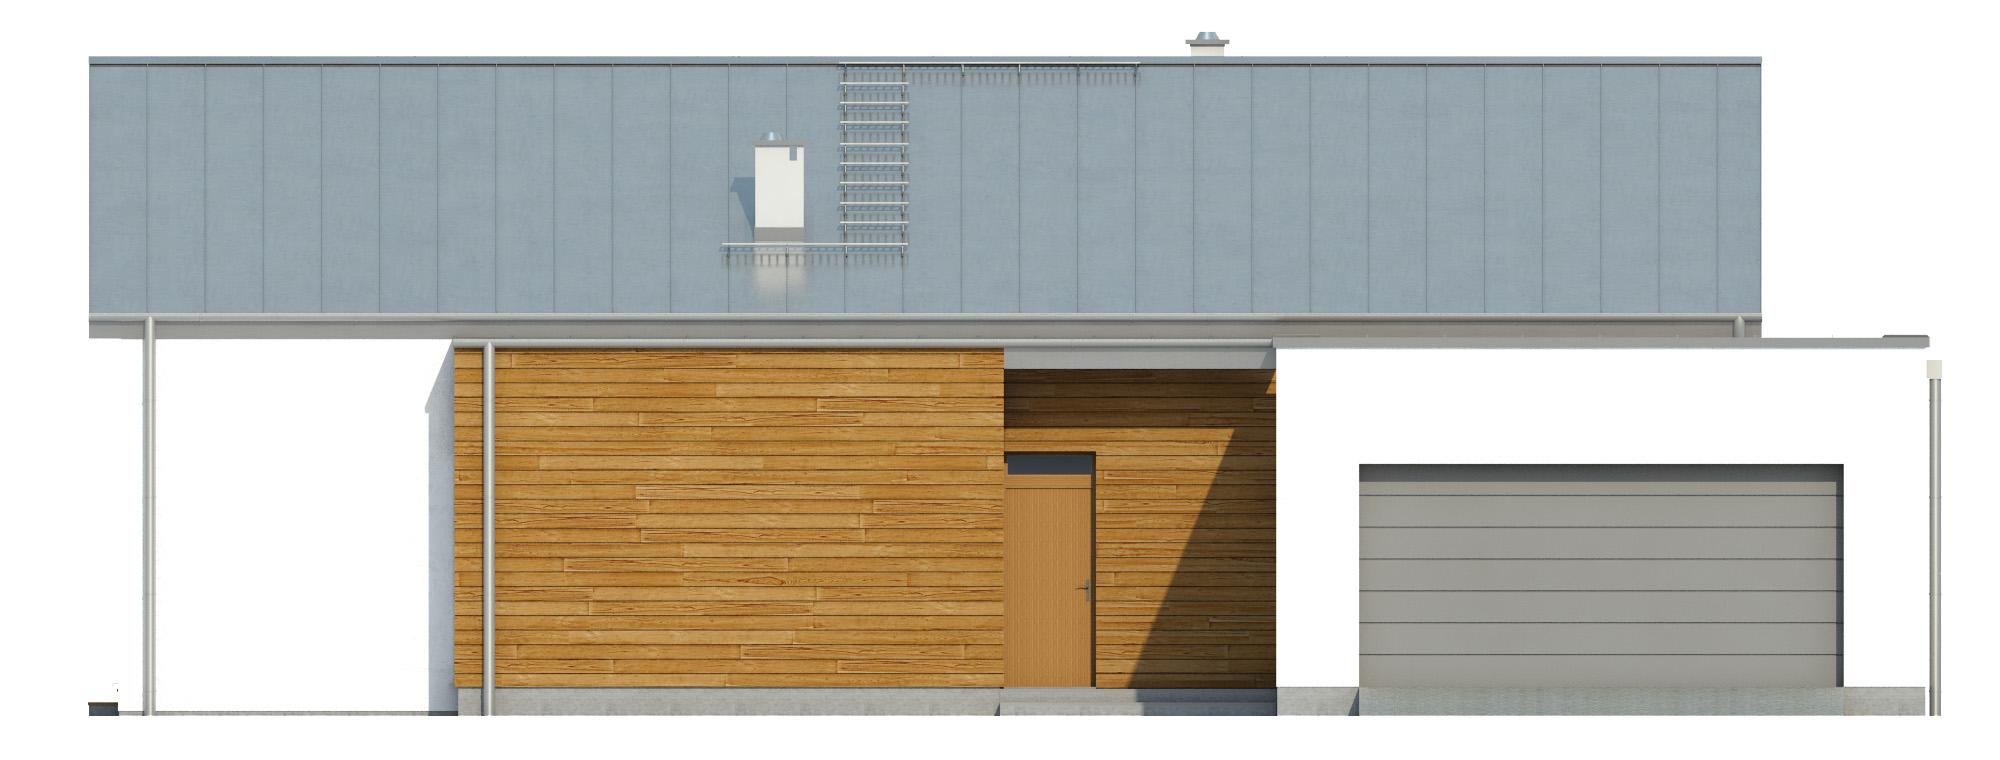 Projekt domu NISKI Domy Czystej Energii elewacja frontowa